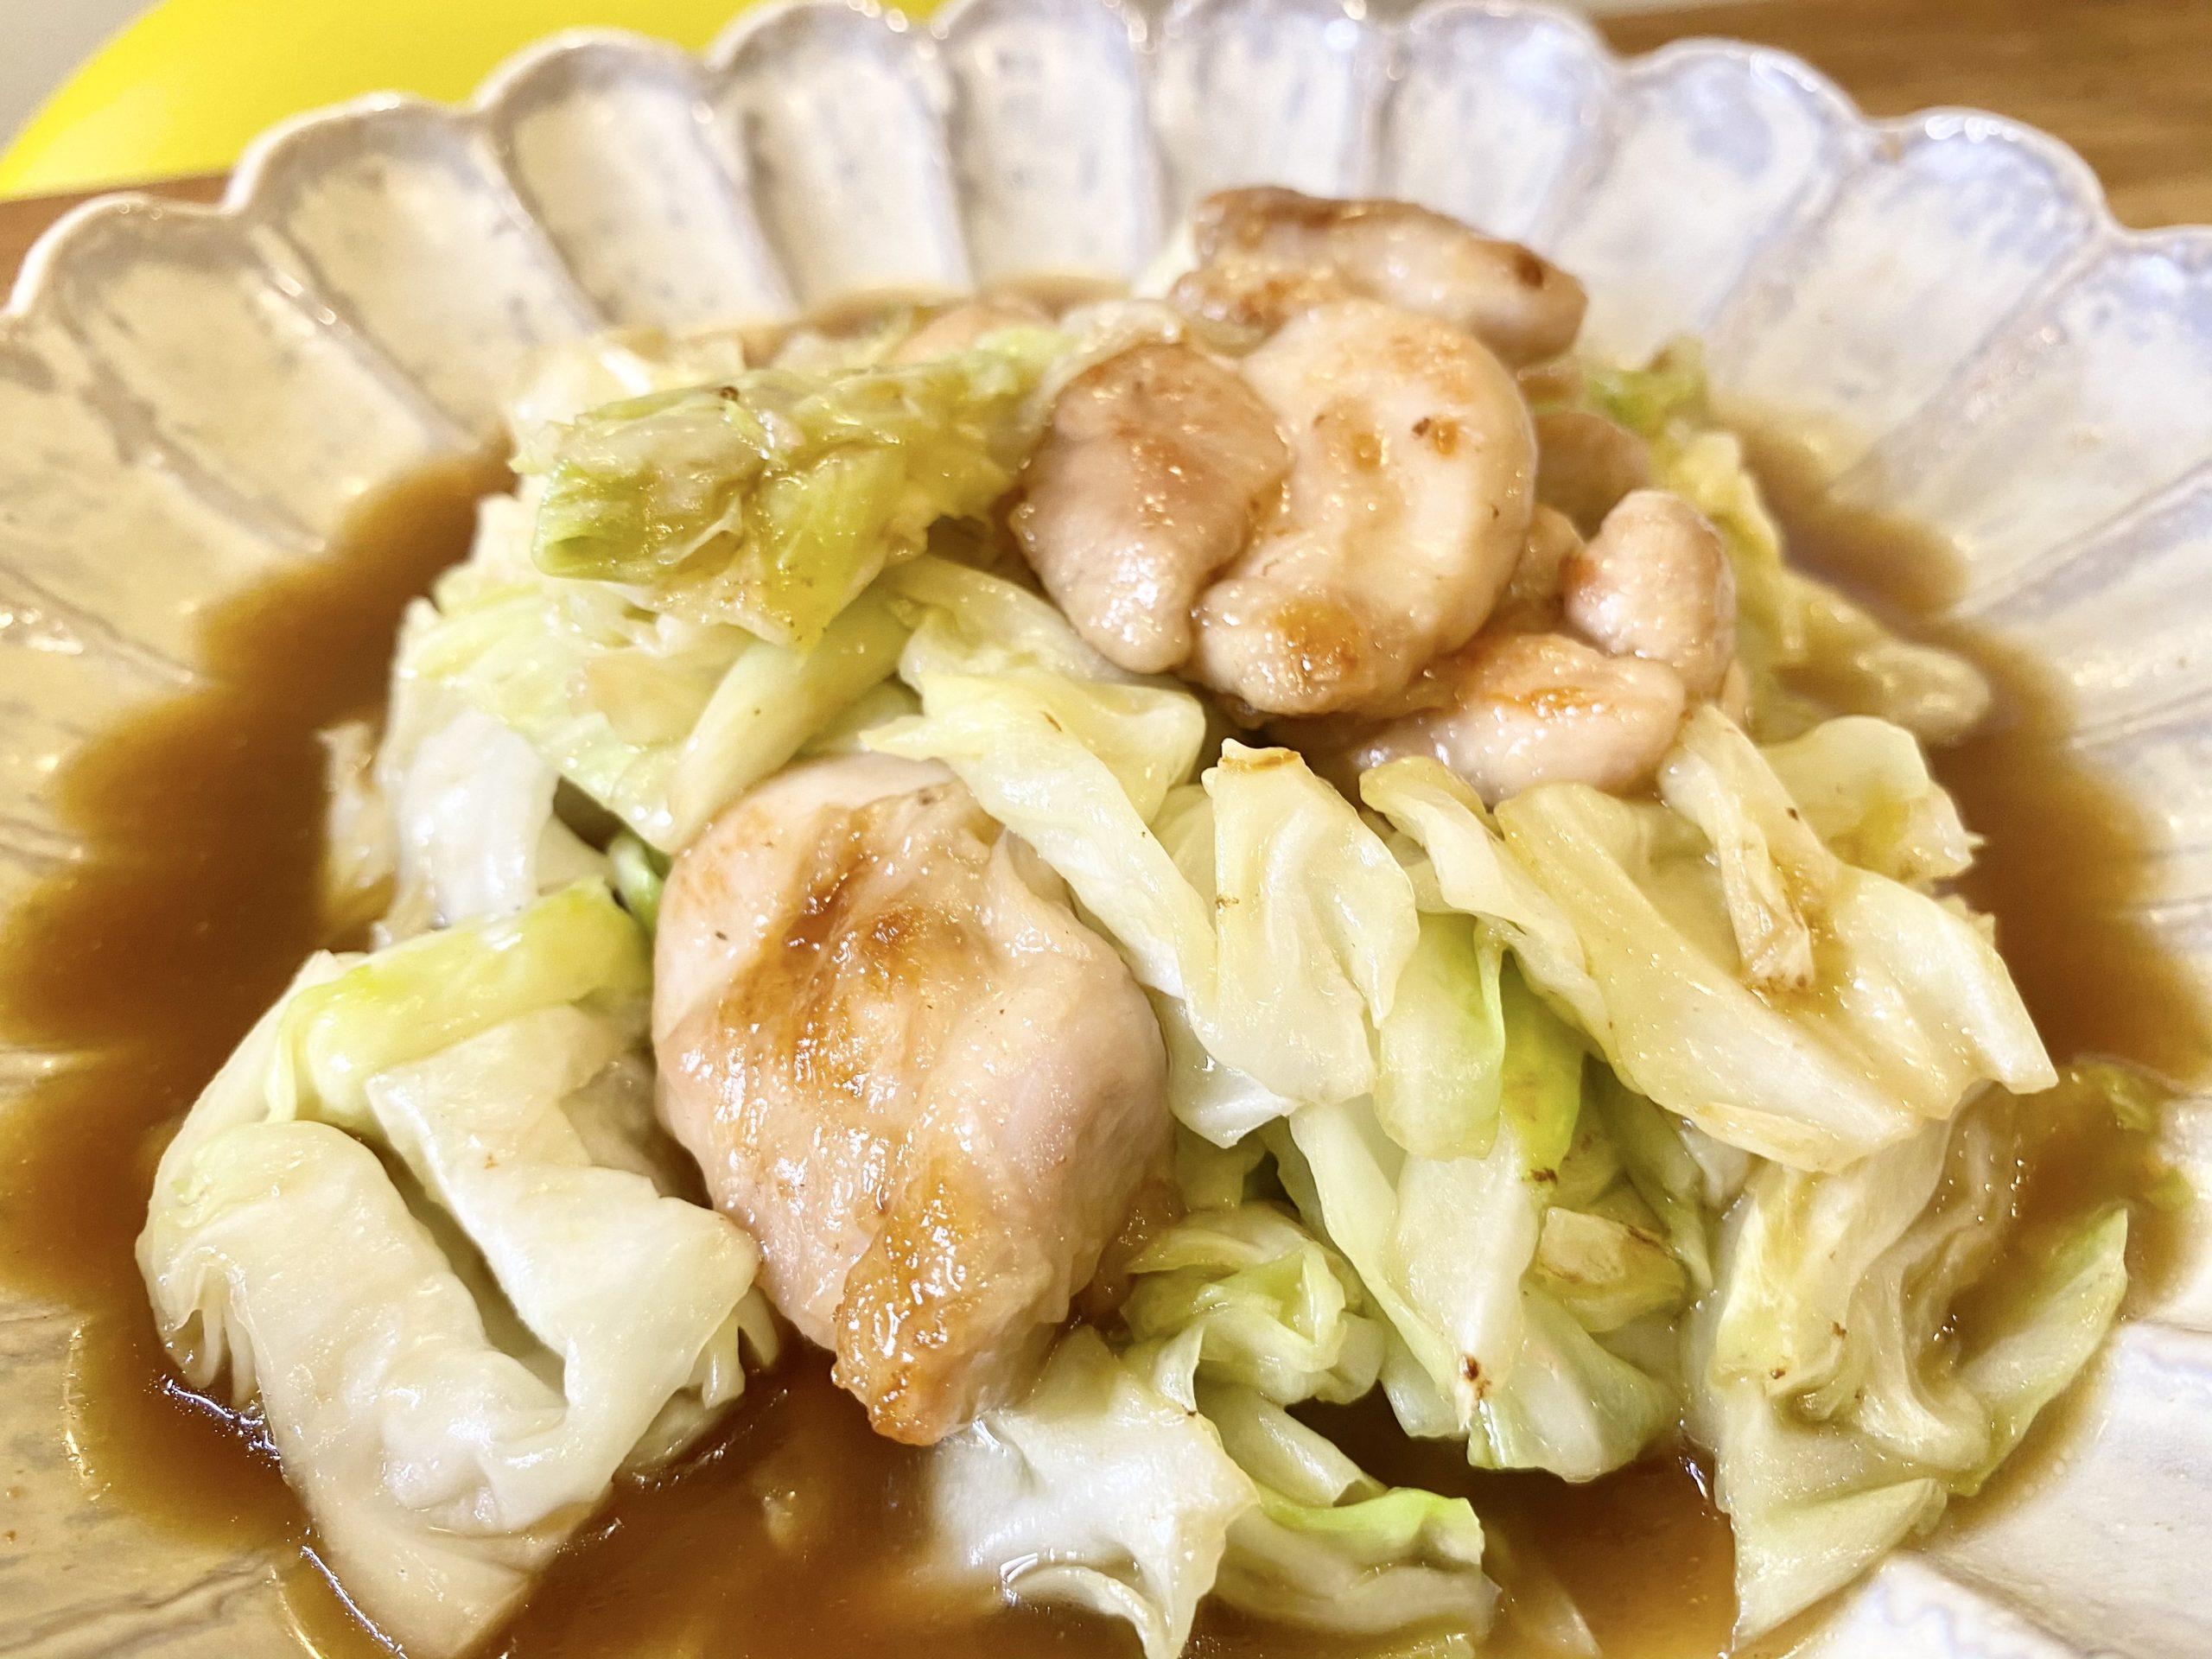 ご飯がススム!「鶏もも肉とキャベツのオイスターソース炒め」のレシピ